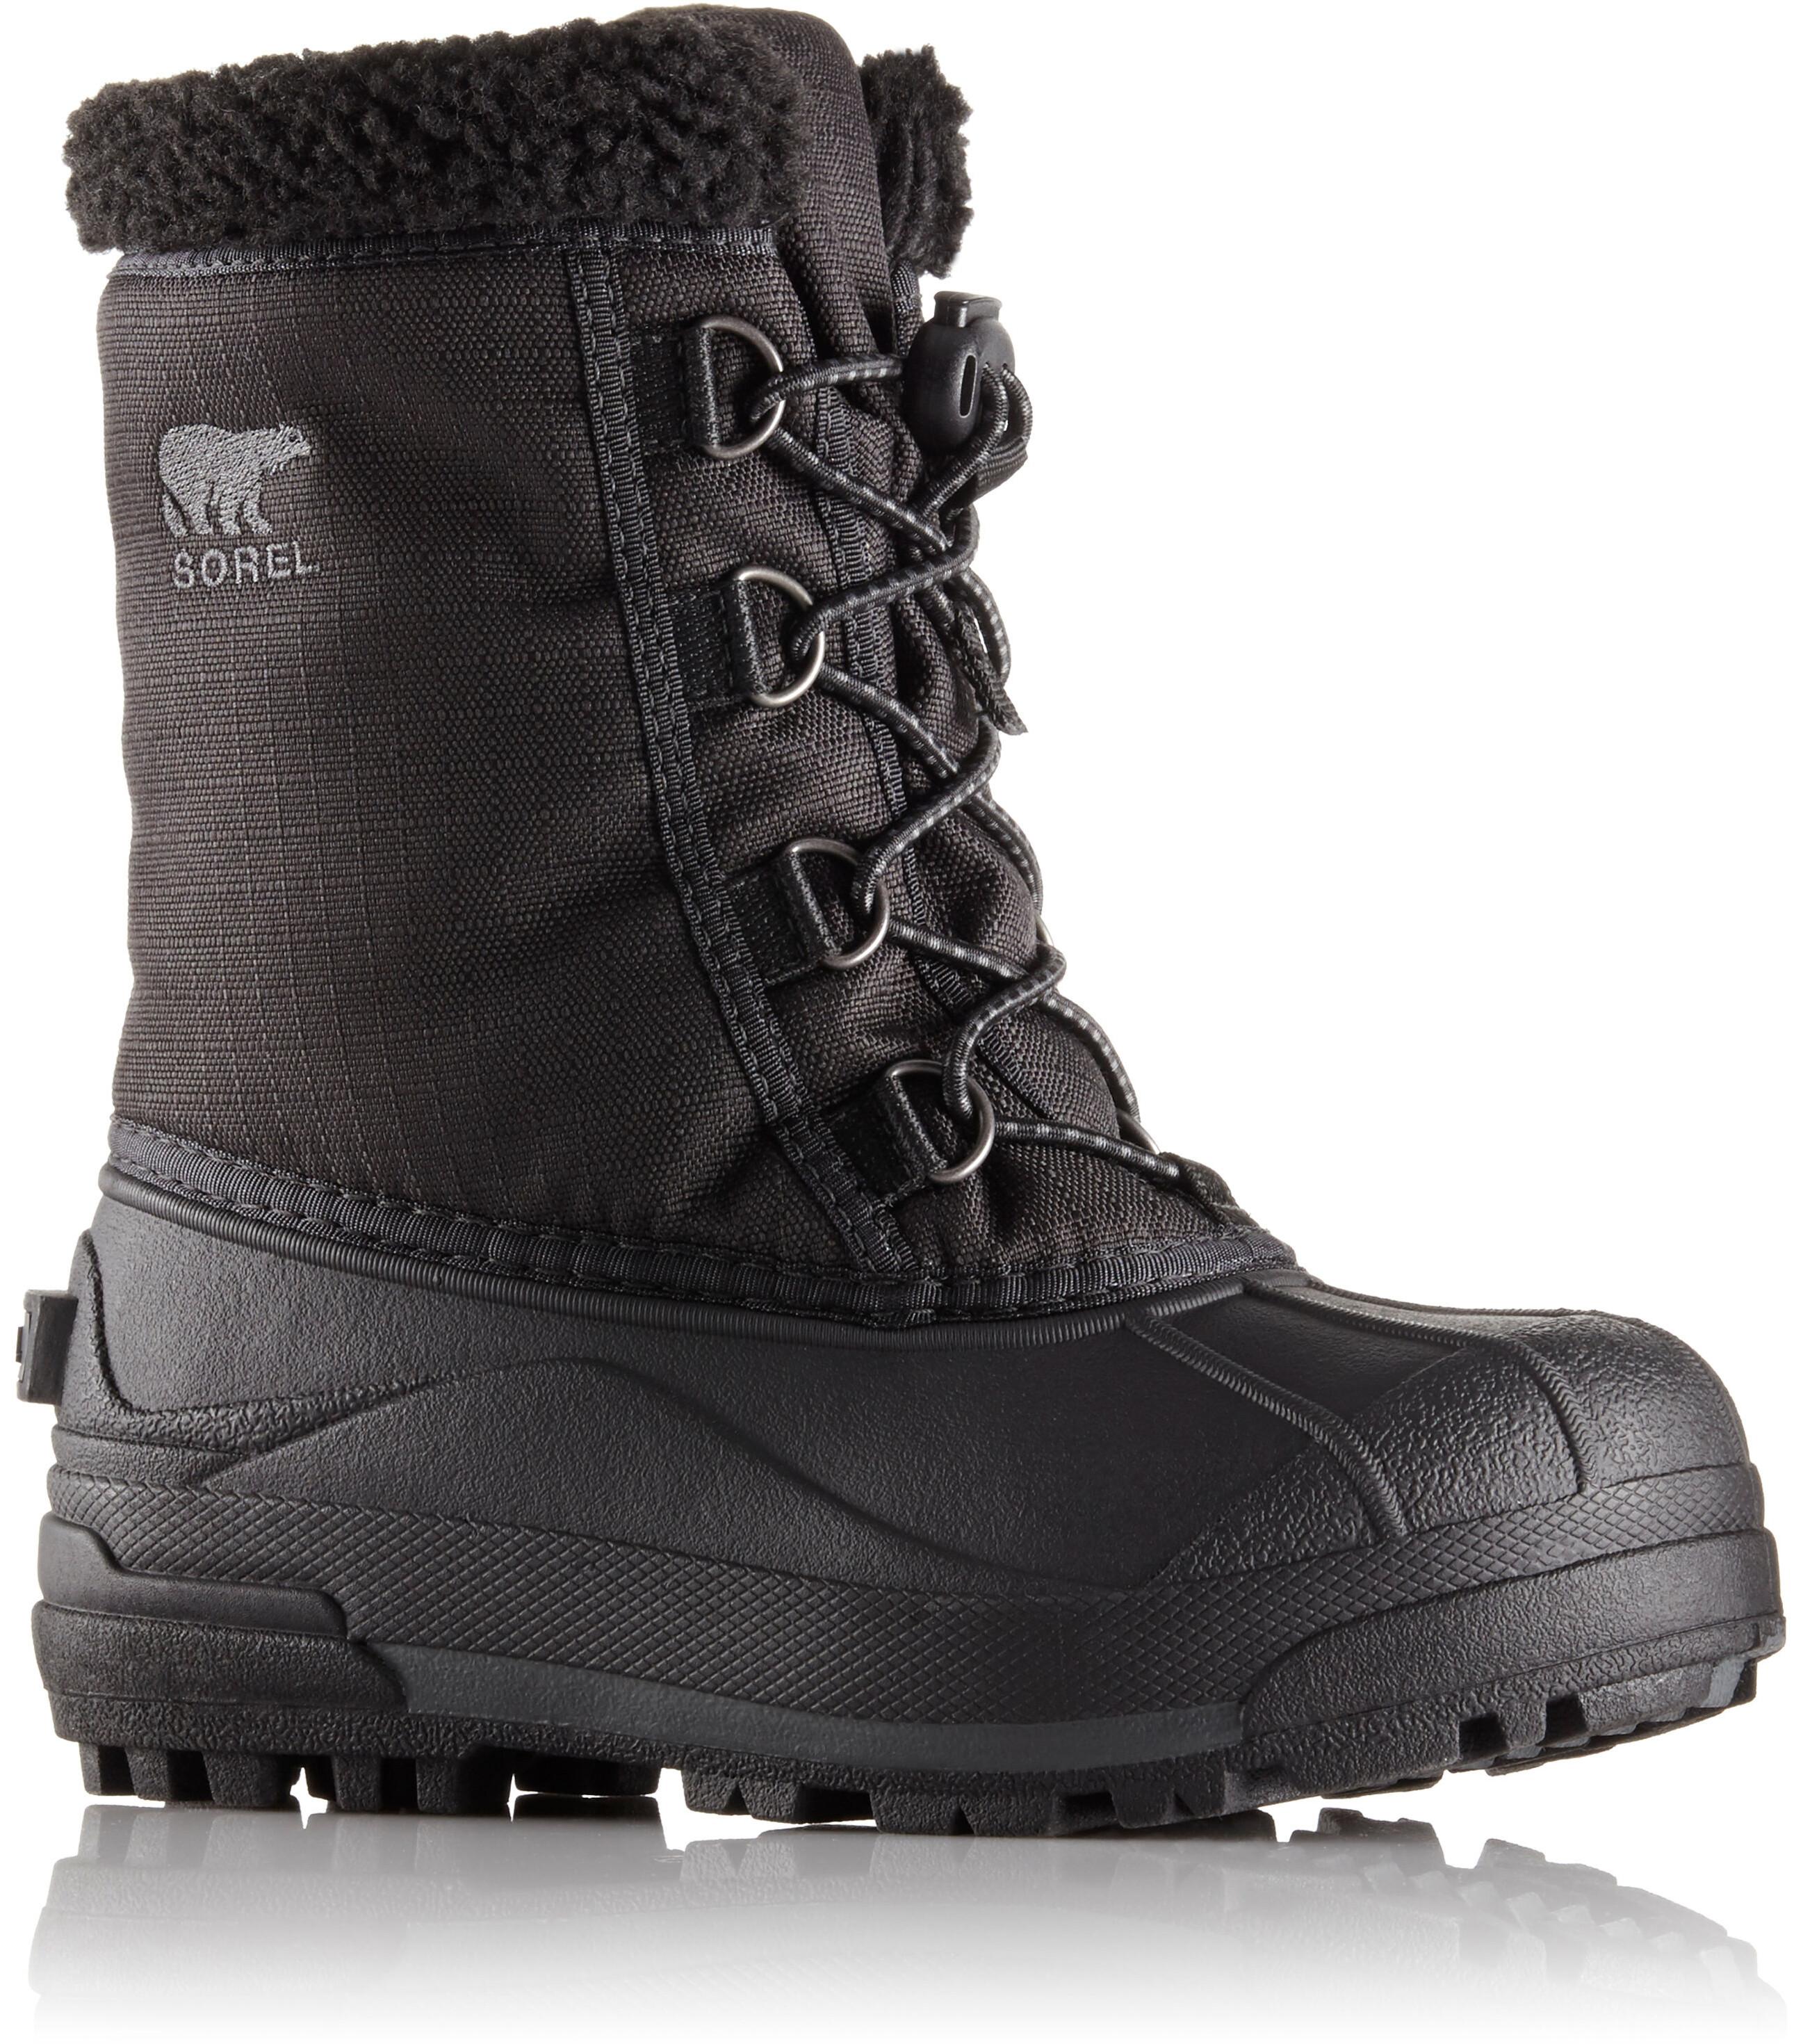 b8caee04 Sorel Cumberland Støvler Børn, black | Find outdoortøj, sko & udstyr ...